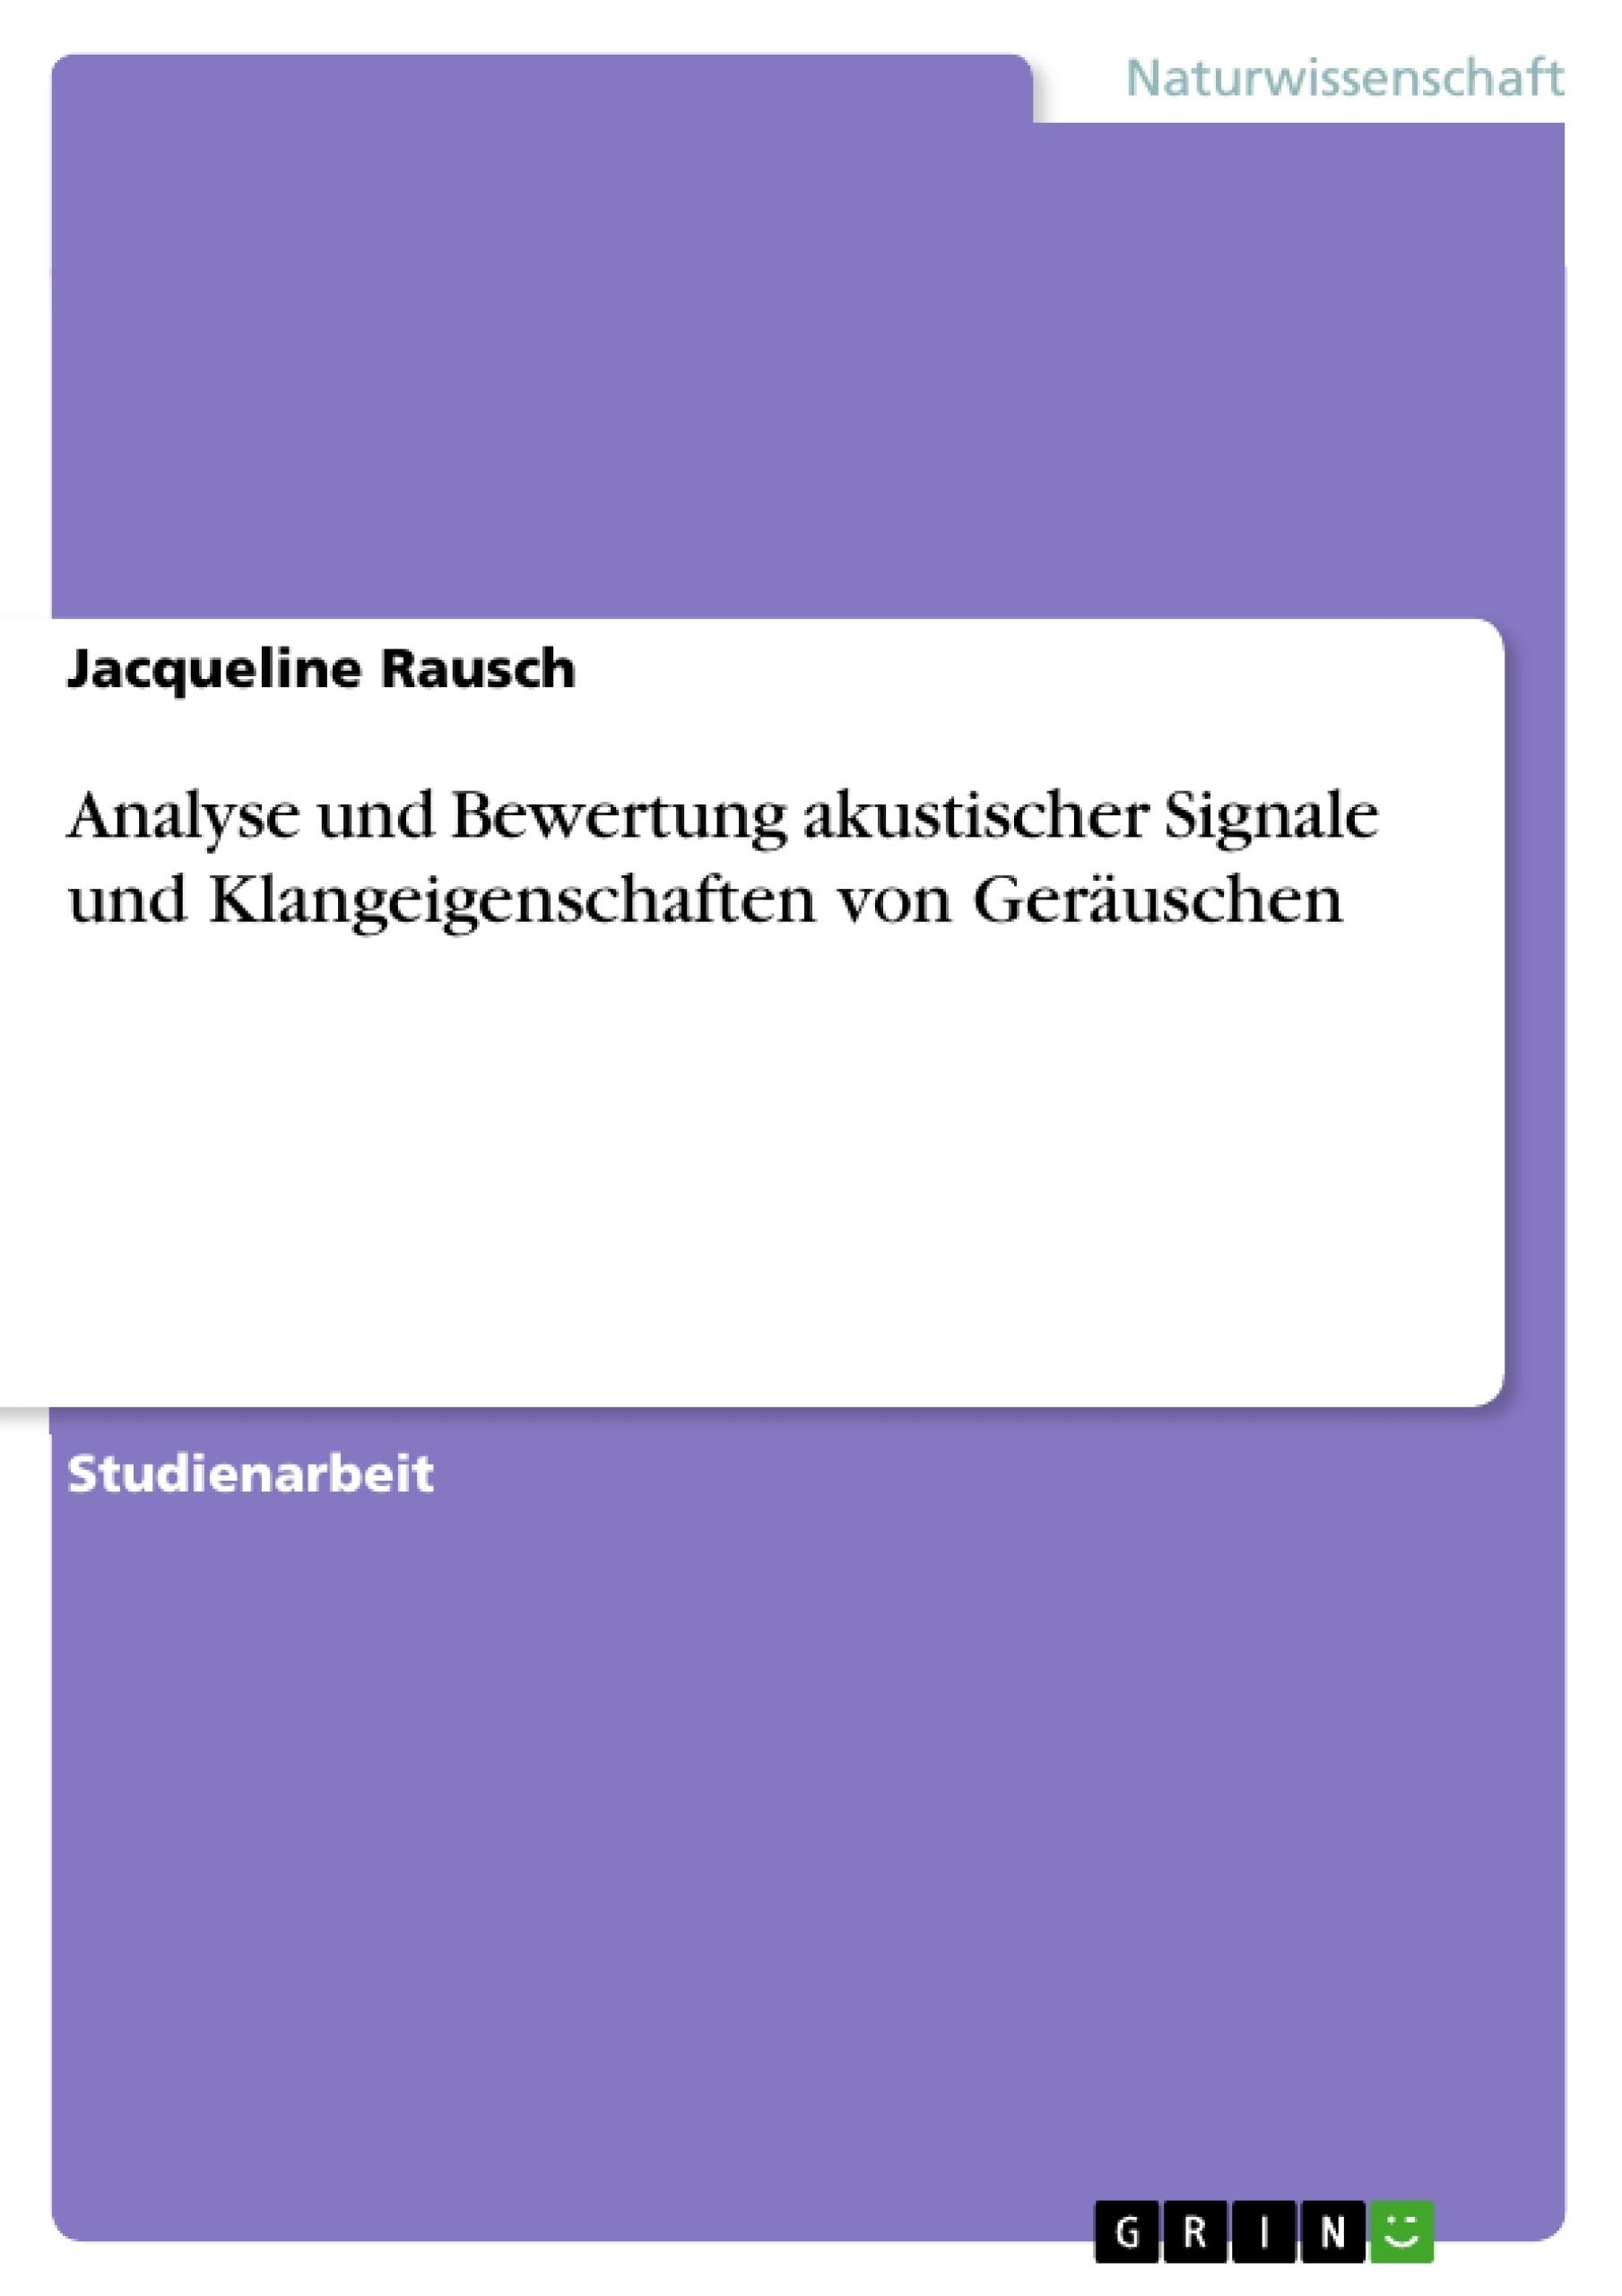 Titel: Analyse und Bewertung akustischer Signale und Klangeigenschaften von Geräuschen